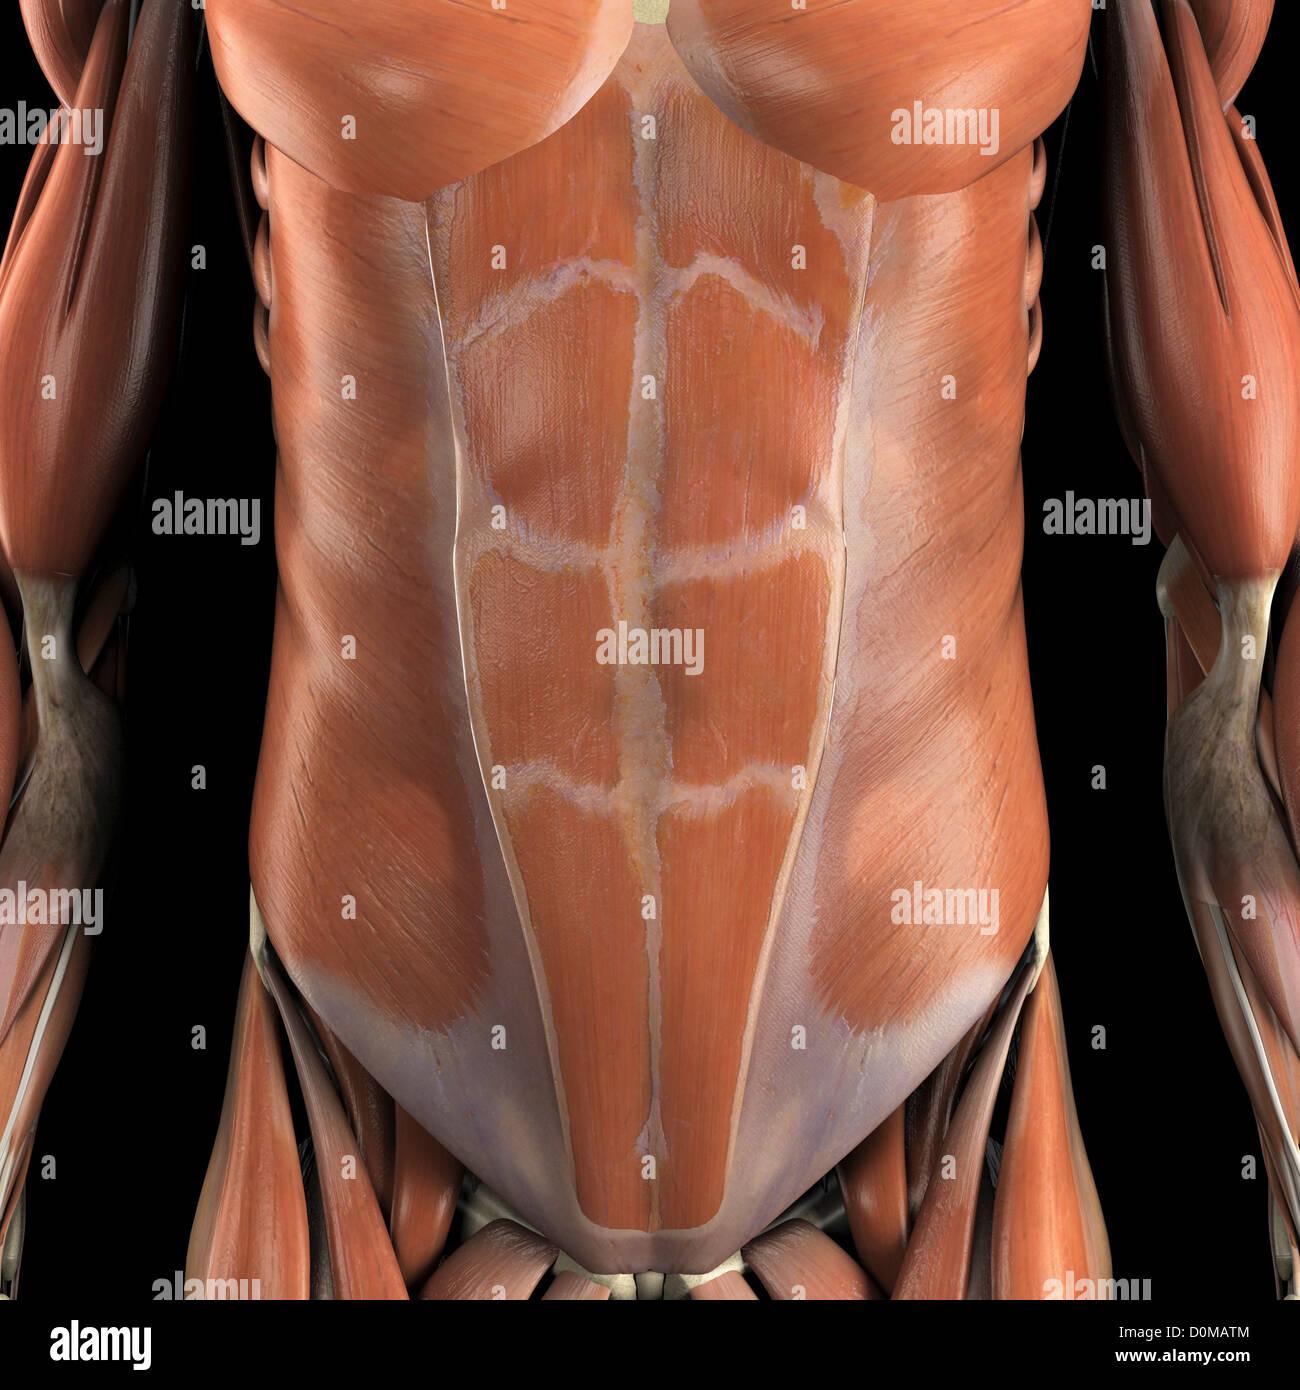 Anatomisches Modell zeigt die Bauchmuskeln Stockfoto, Bild: 52078676 ...